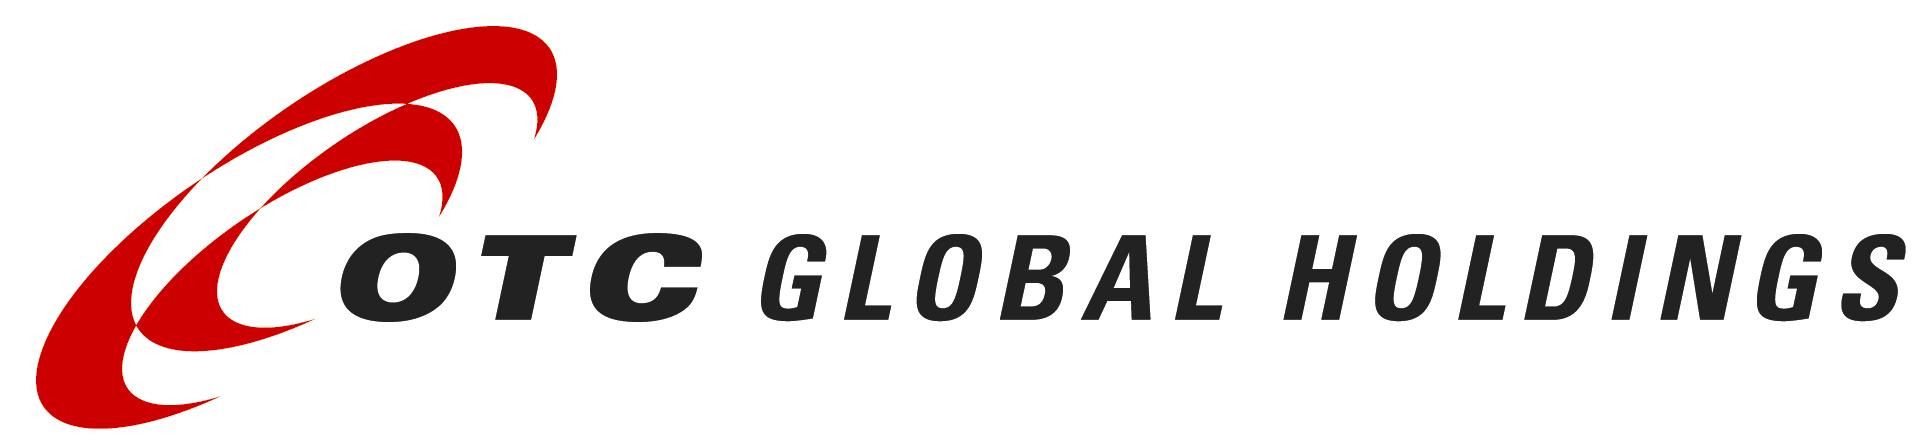 otcgh-logo